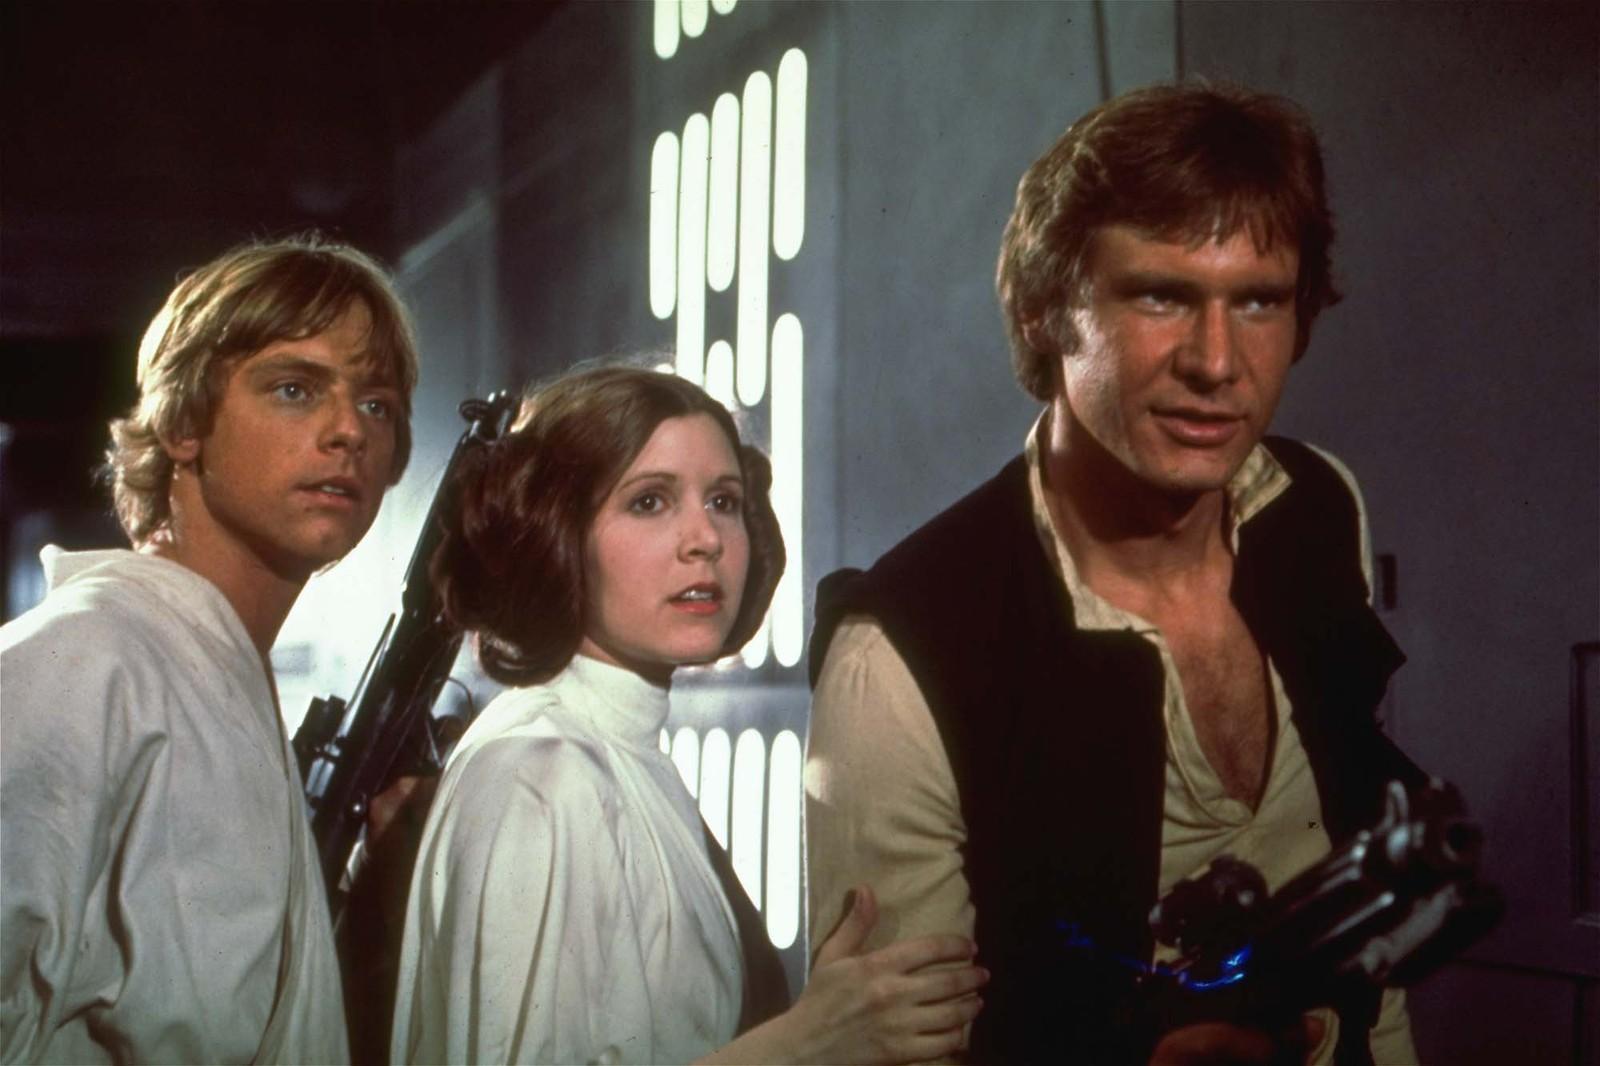 KJENT POSITUR: Carrie Fisher slik vi kjente henne best, i rollen som prinsesse Leia. Her sammen med kollegene Mark Hamill og Harrison Ford.